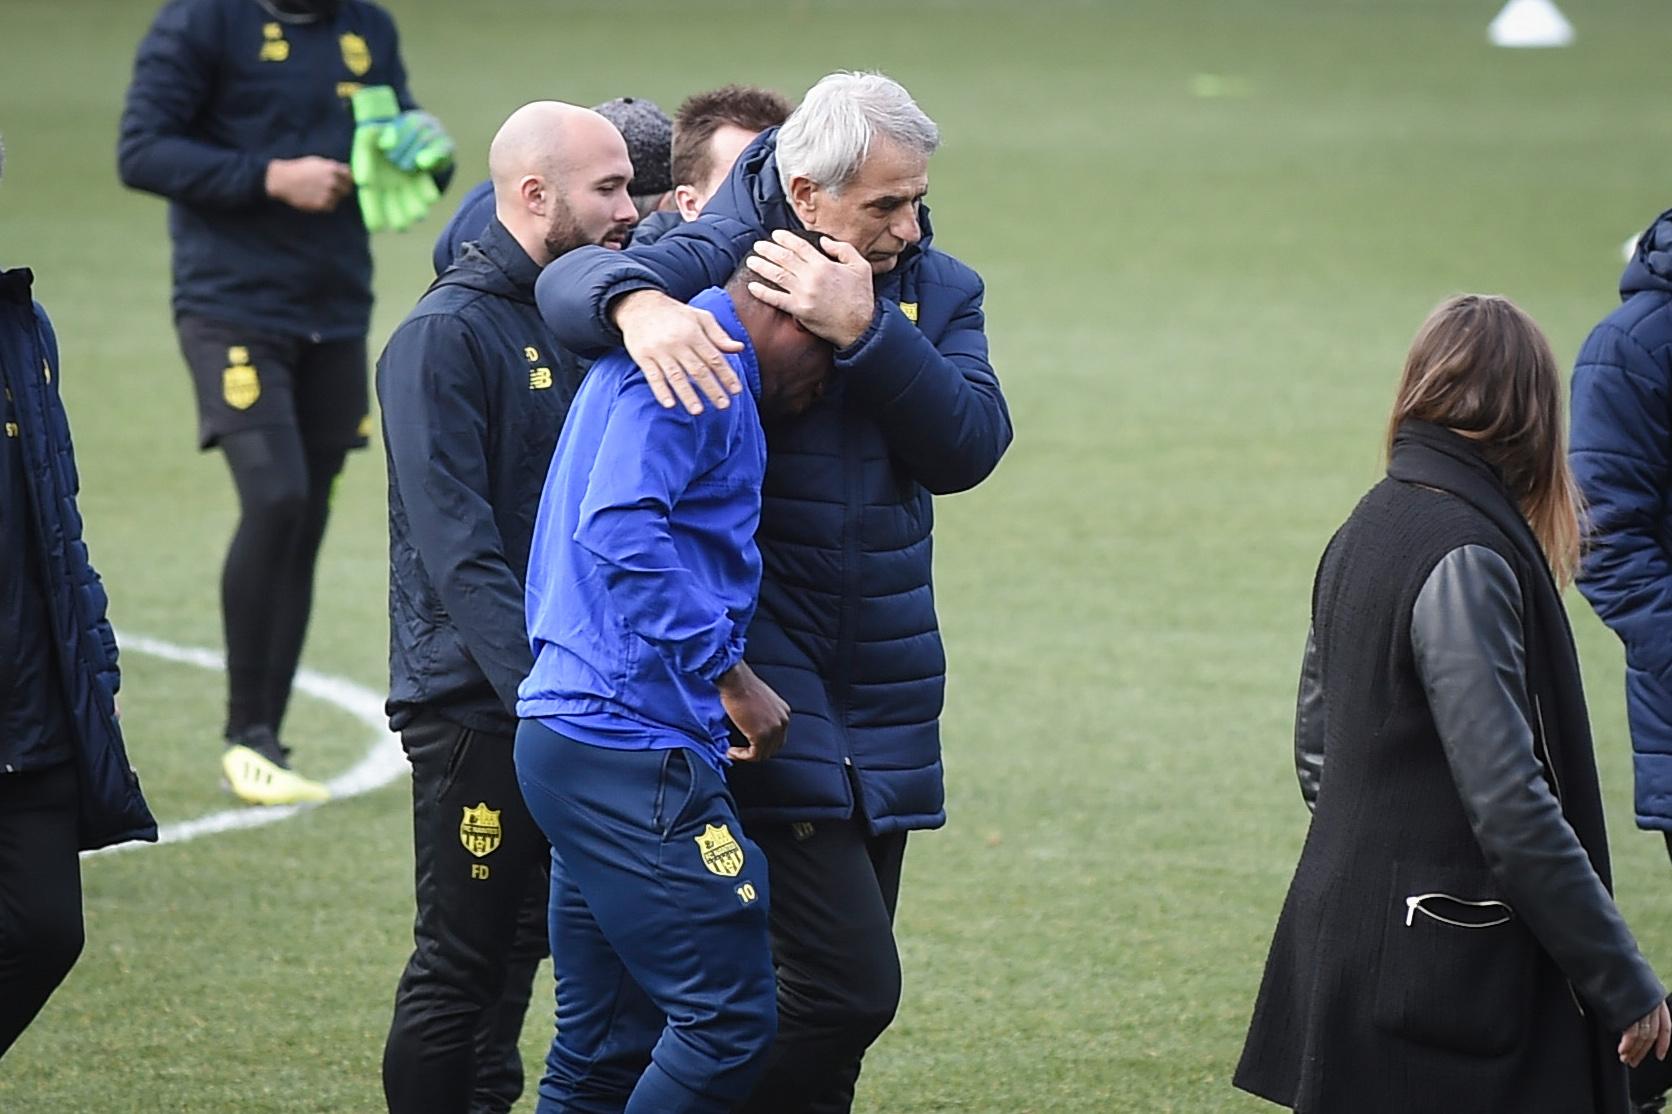 La tristeza invadió el entrenamiento del Nantes. (Foto Prensa Libre: AFP)